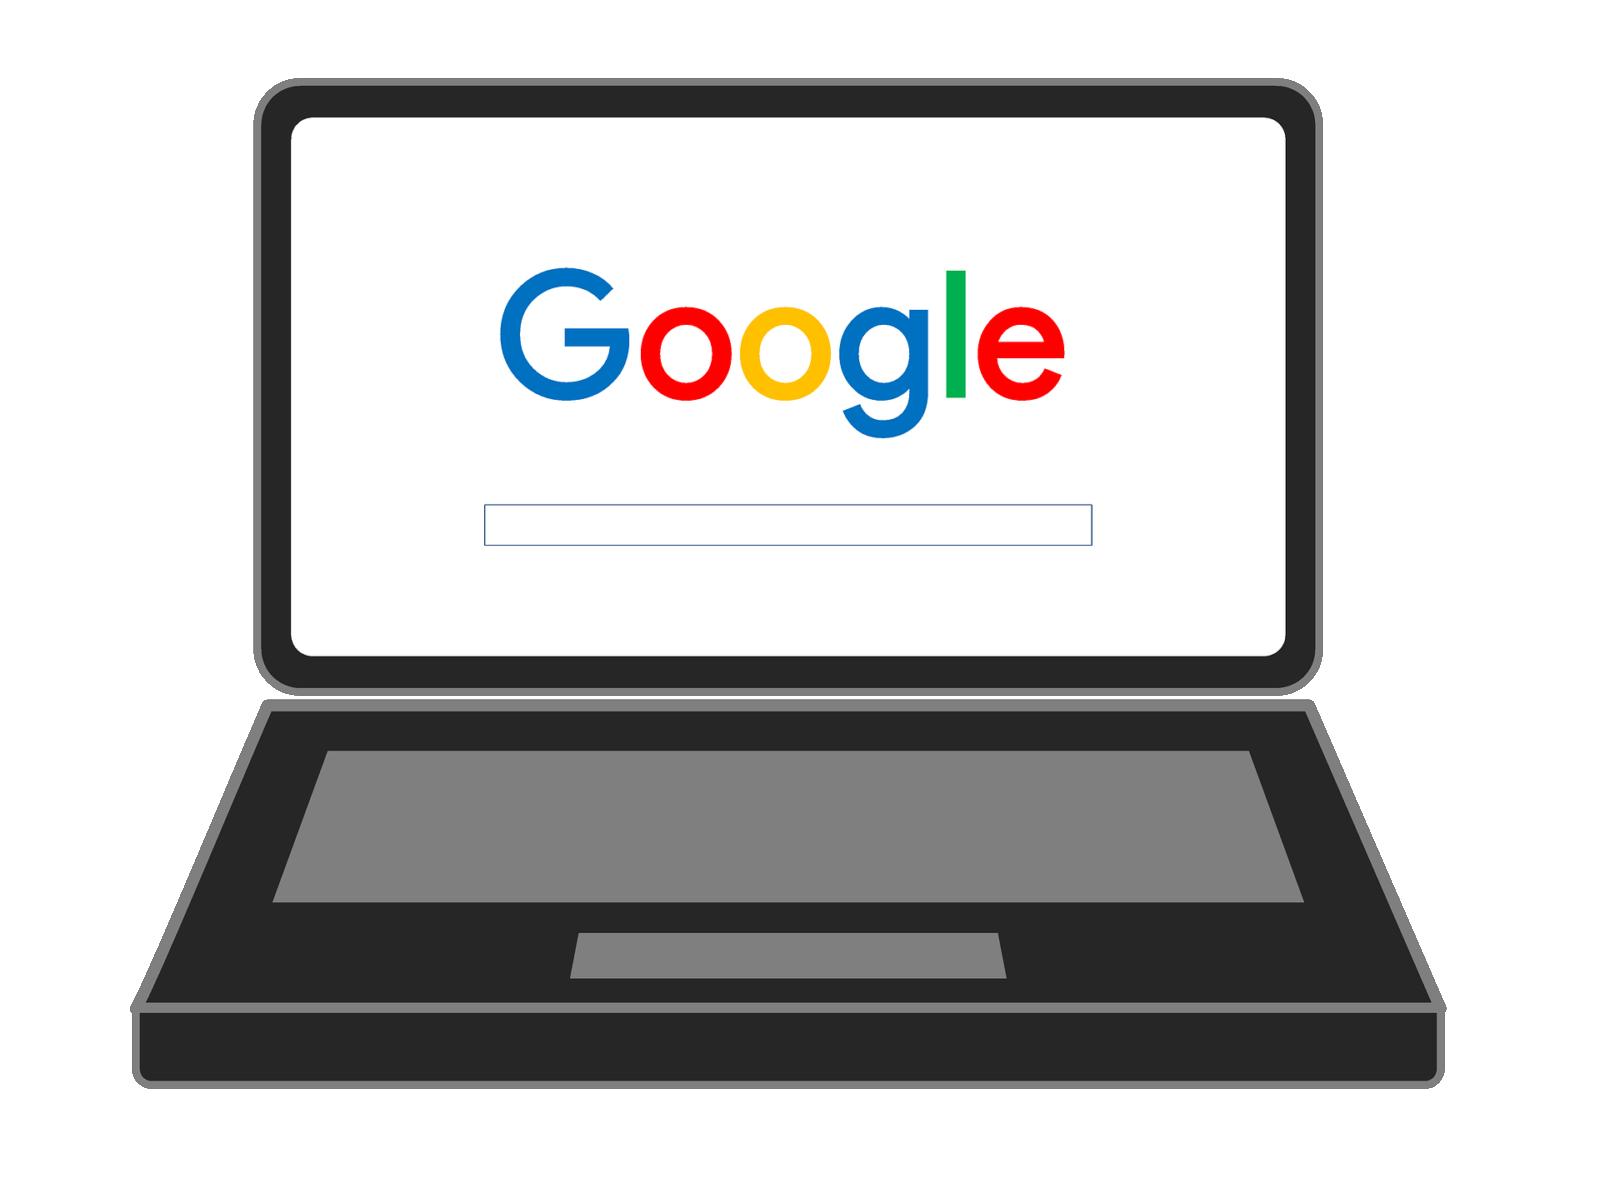 تاثیر سرعت سایت بر رتبه بندی موتورهای جست و جو